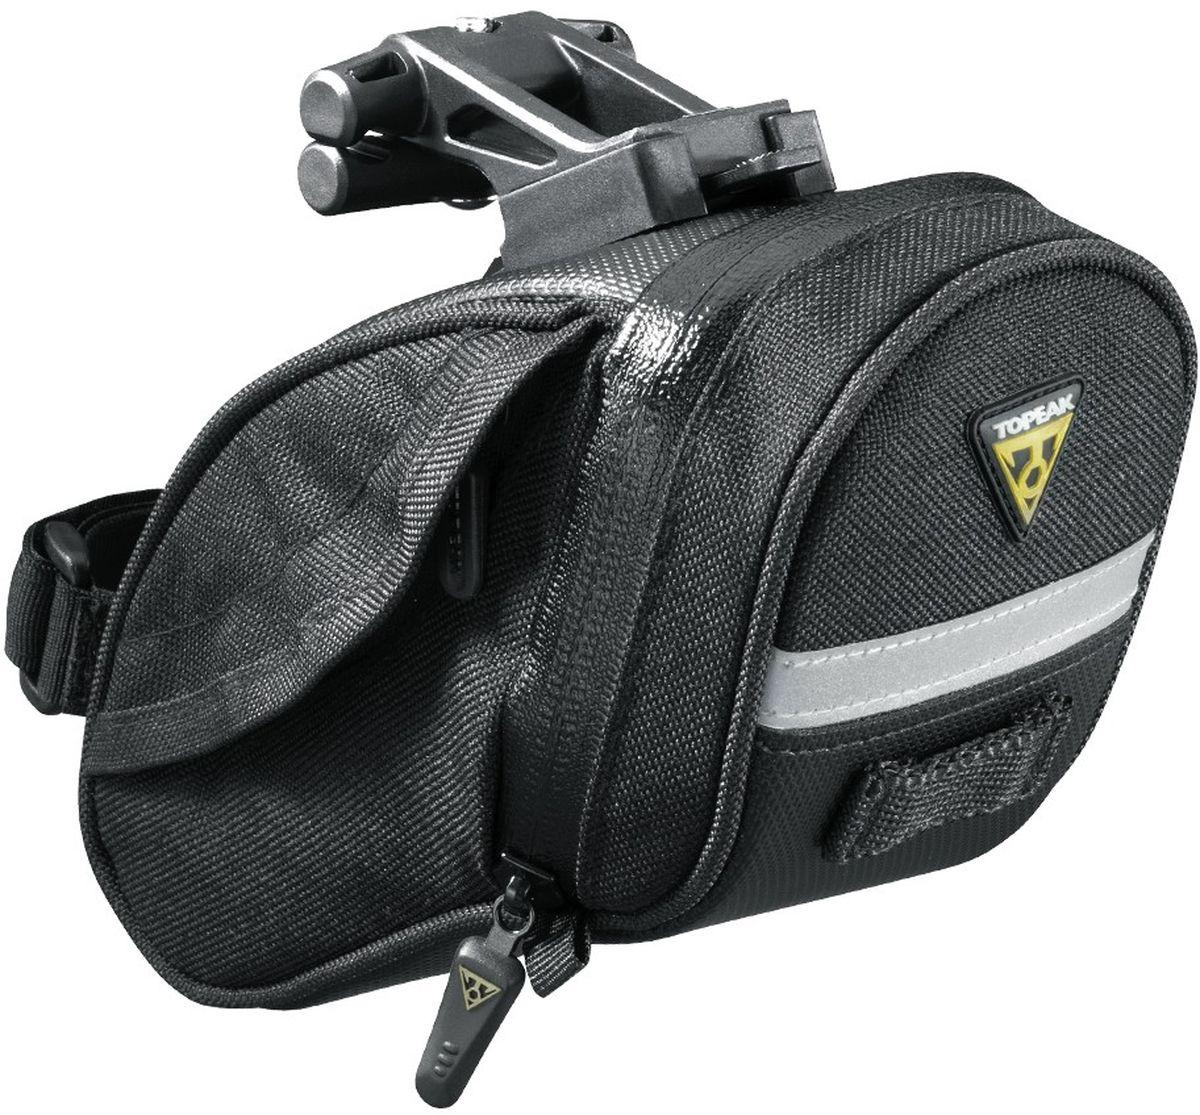 Сумка подседельная TOPEAK Aero Wedge Pack DX w/F25, с креплениемTC2269BПодседельная сумка Topeak Aero Wedge - это аэродинамичный модерн дизайн, не создающий препятствий встречному потоку и не влияющий на скорость. Конструктивно всё содержимое этой велосумки надёжно защищено и удерживает от соприкосновения с рамой и другими деликатными частями. Достаточно вместительная сумка для основных инструментов, которые могут потребоваться в дороге. Предназначается для горного велосипеда, актуальна как на короткие дистанции, так и в длительных велопоходах. Для безопасности в ночное время суток сумка оснащается светоотражающей полосой M3. Удобная велосумка, которая не раз выручит вас в пути! Материал: 1000 нейлон. Объем: 0.45 л. Вес: 125 г. Размер: 16 x 8.5 x 8.5 cм.